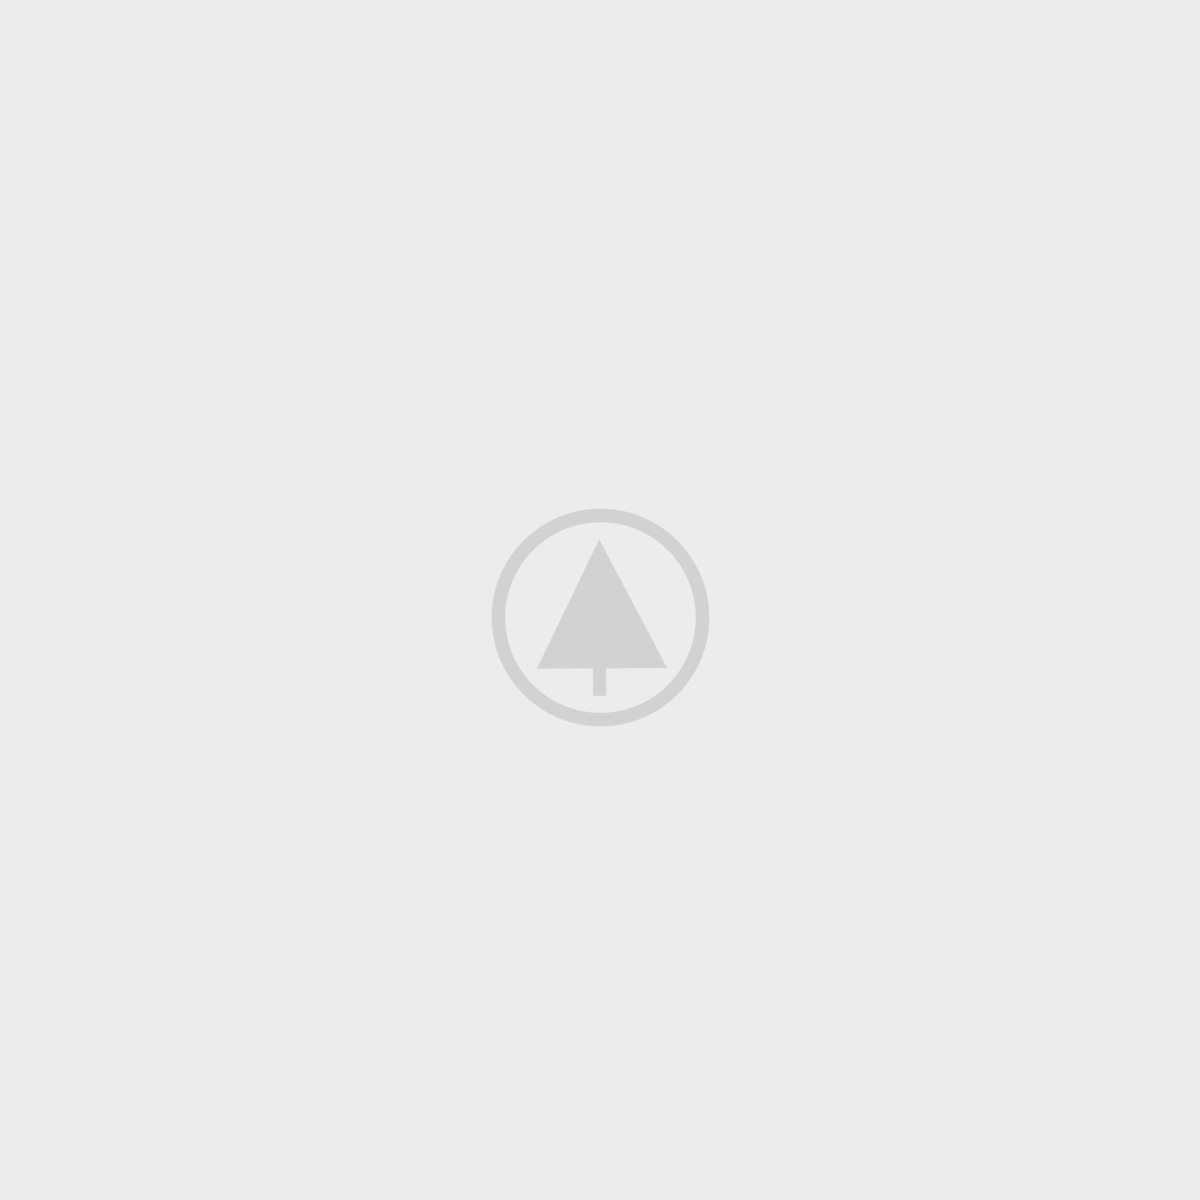 Scelerisque facilisi rhoncus non faucibus parturient senectus lobortis a ullamcorper vestibulum mi nibh ultricies a parturient gravida a vestibulum leo sem in. Est cum torquent mi in scelerisque leo aptent per at vitae ante eleifend mollis adipiscing.